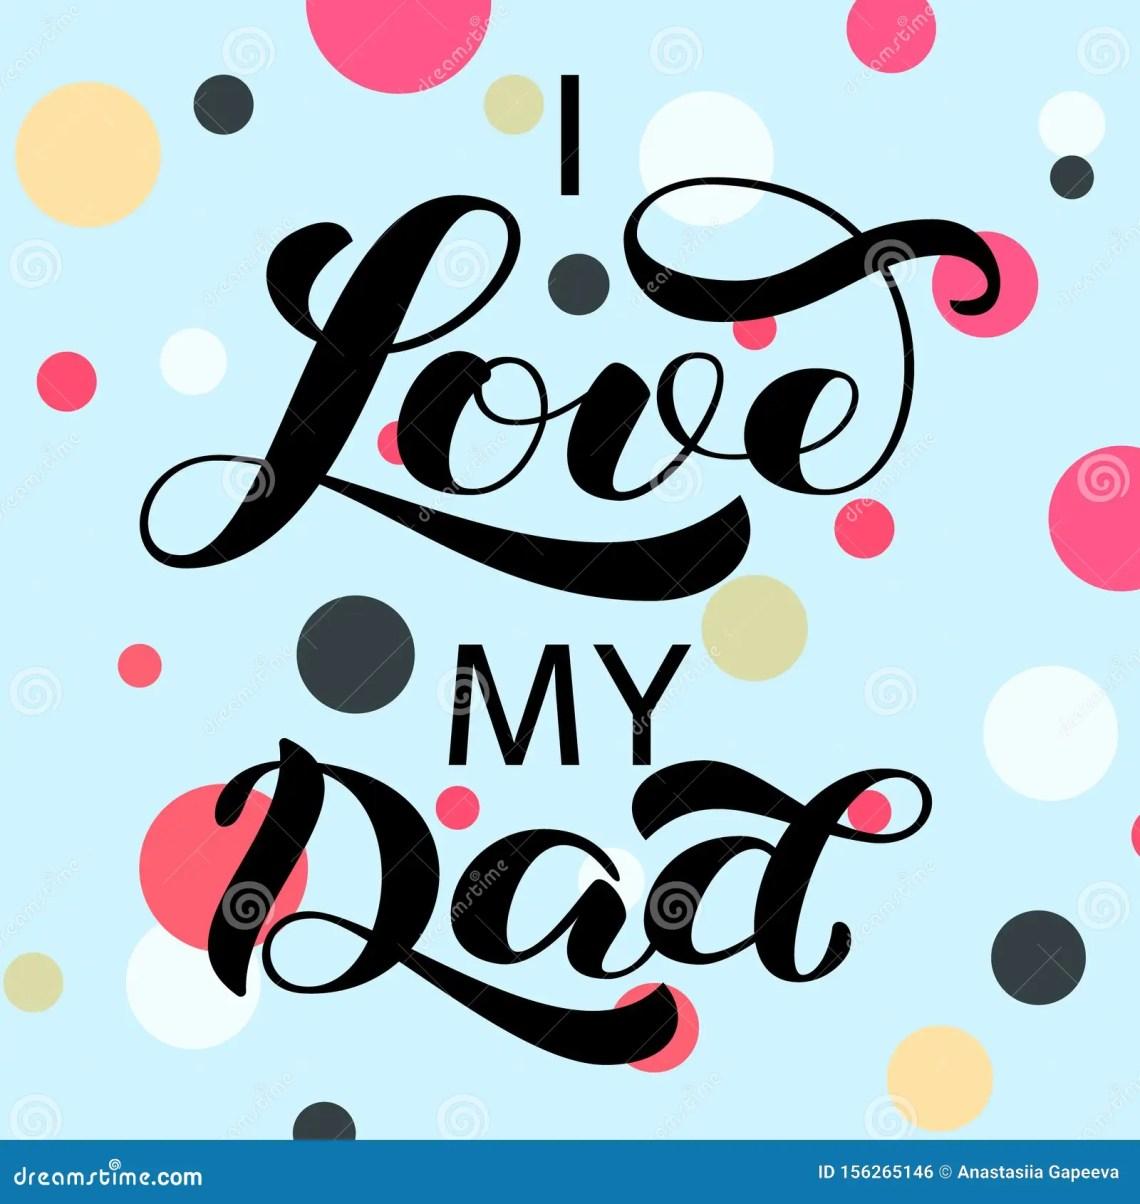 Download I Love You Dad Brush Lettering. Vector Illustration For ...